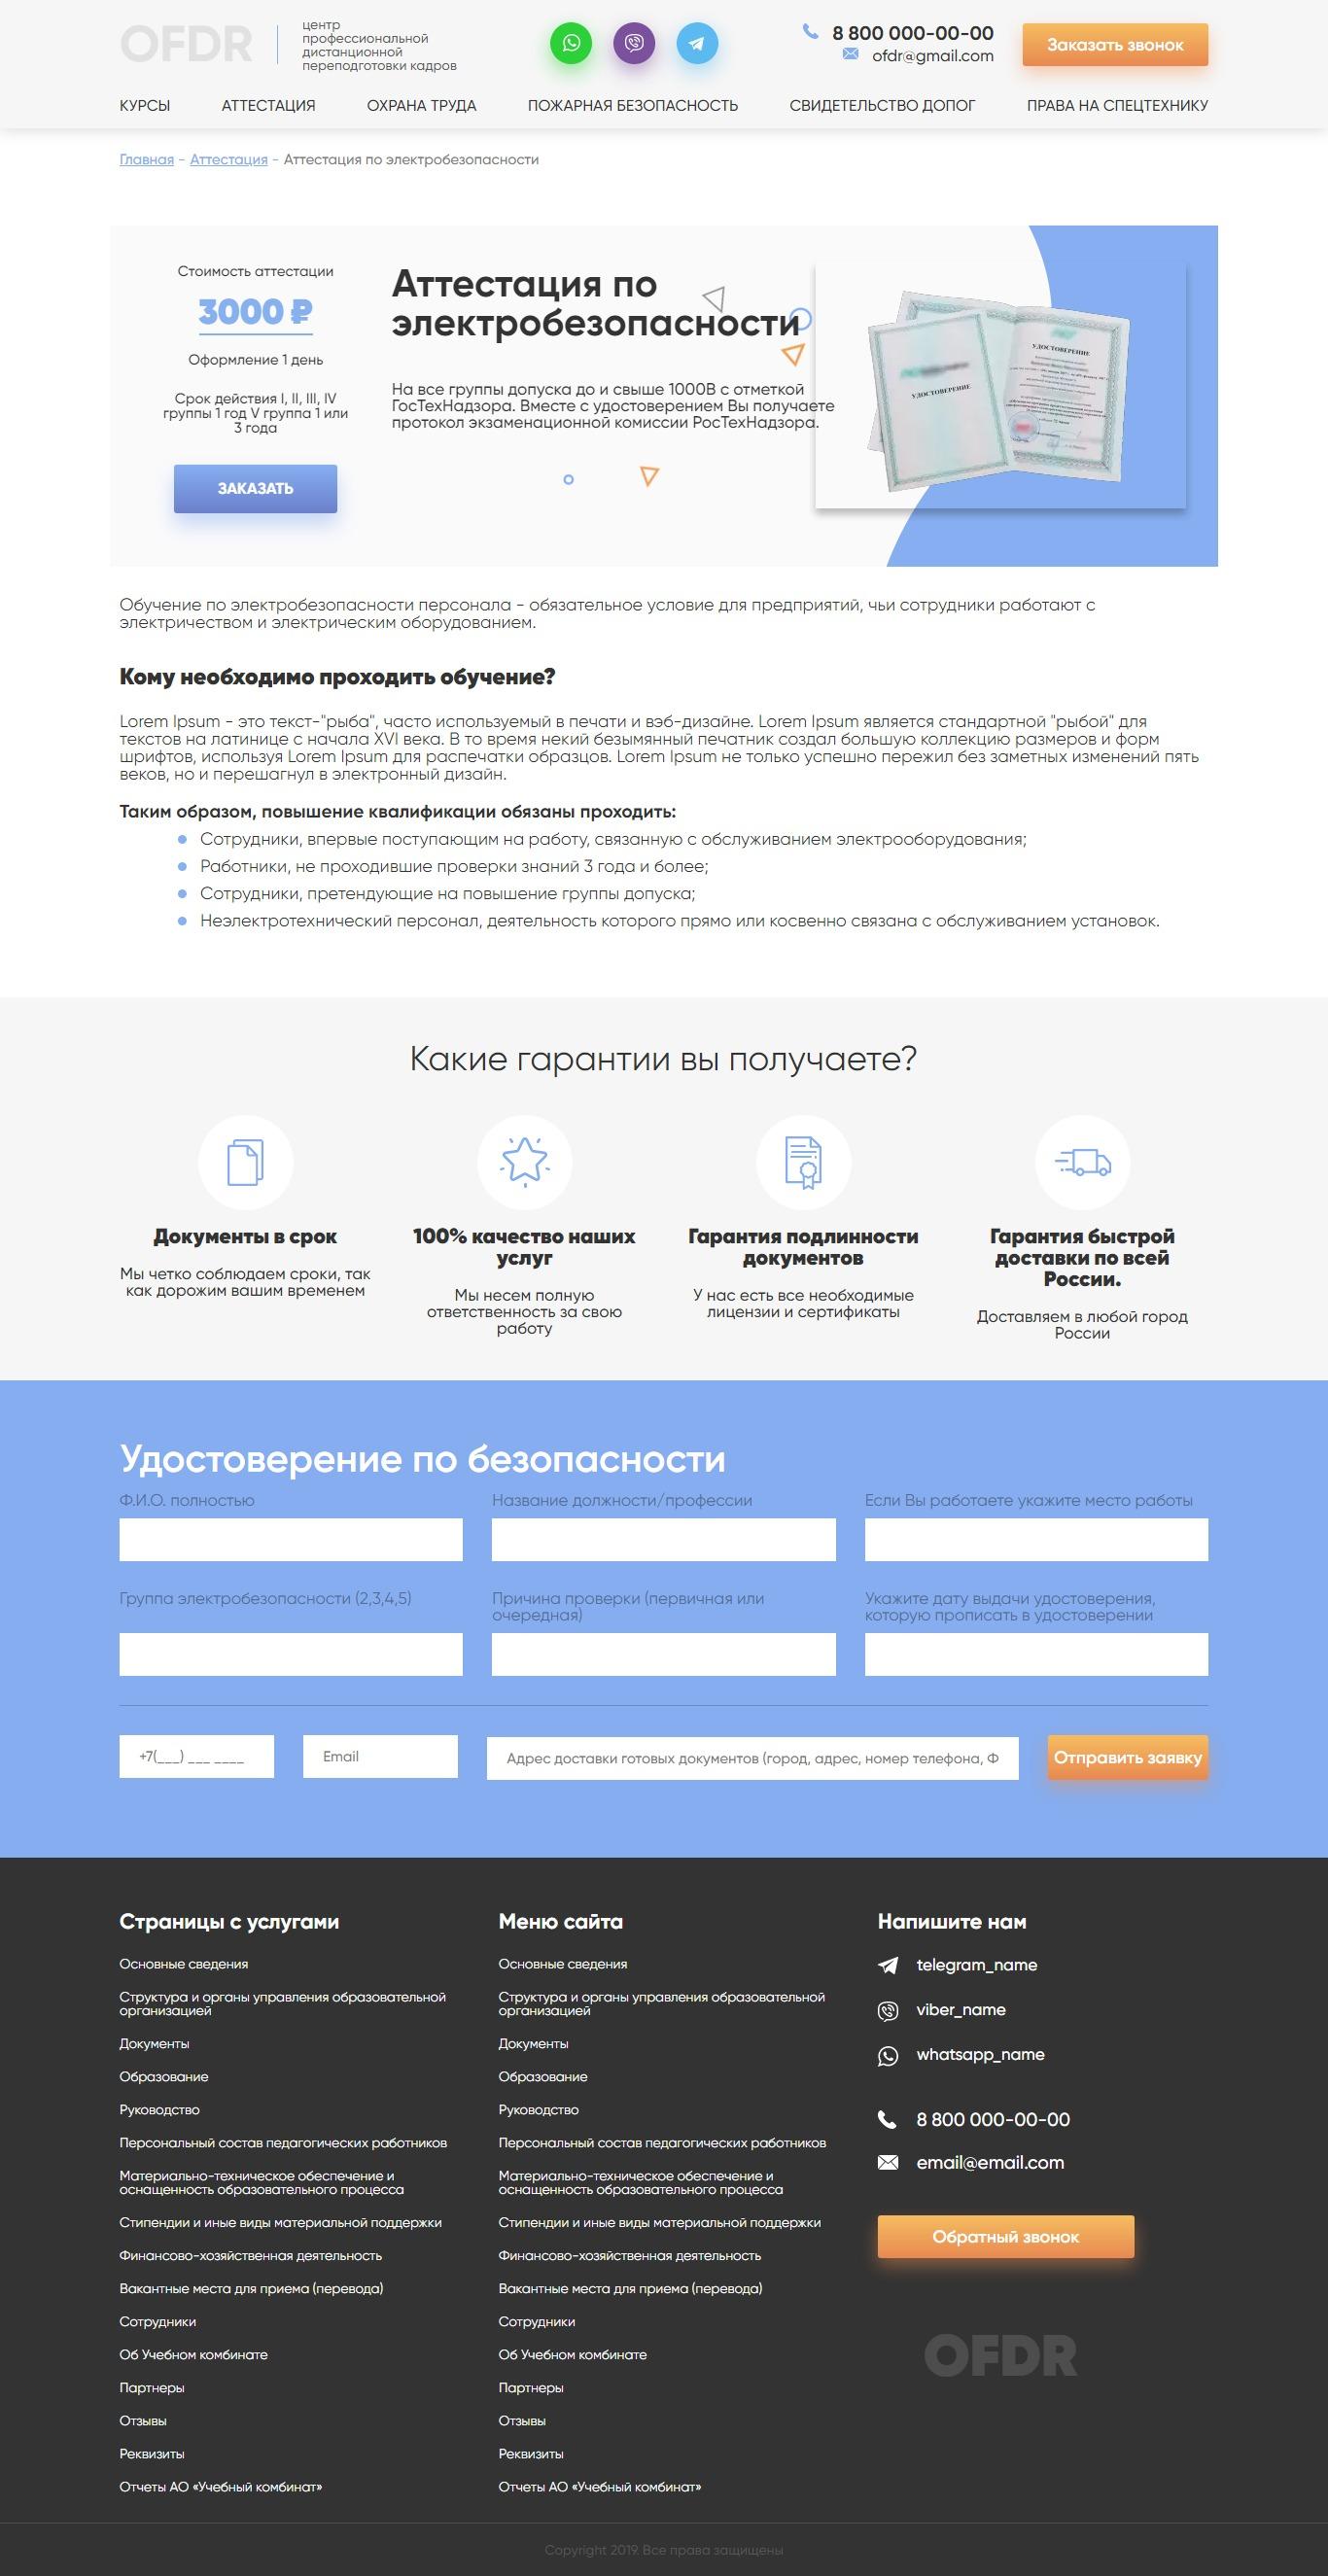 4-х страничный сайт центра профессиональной дистанционной переподготовки кадров